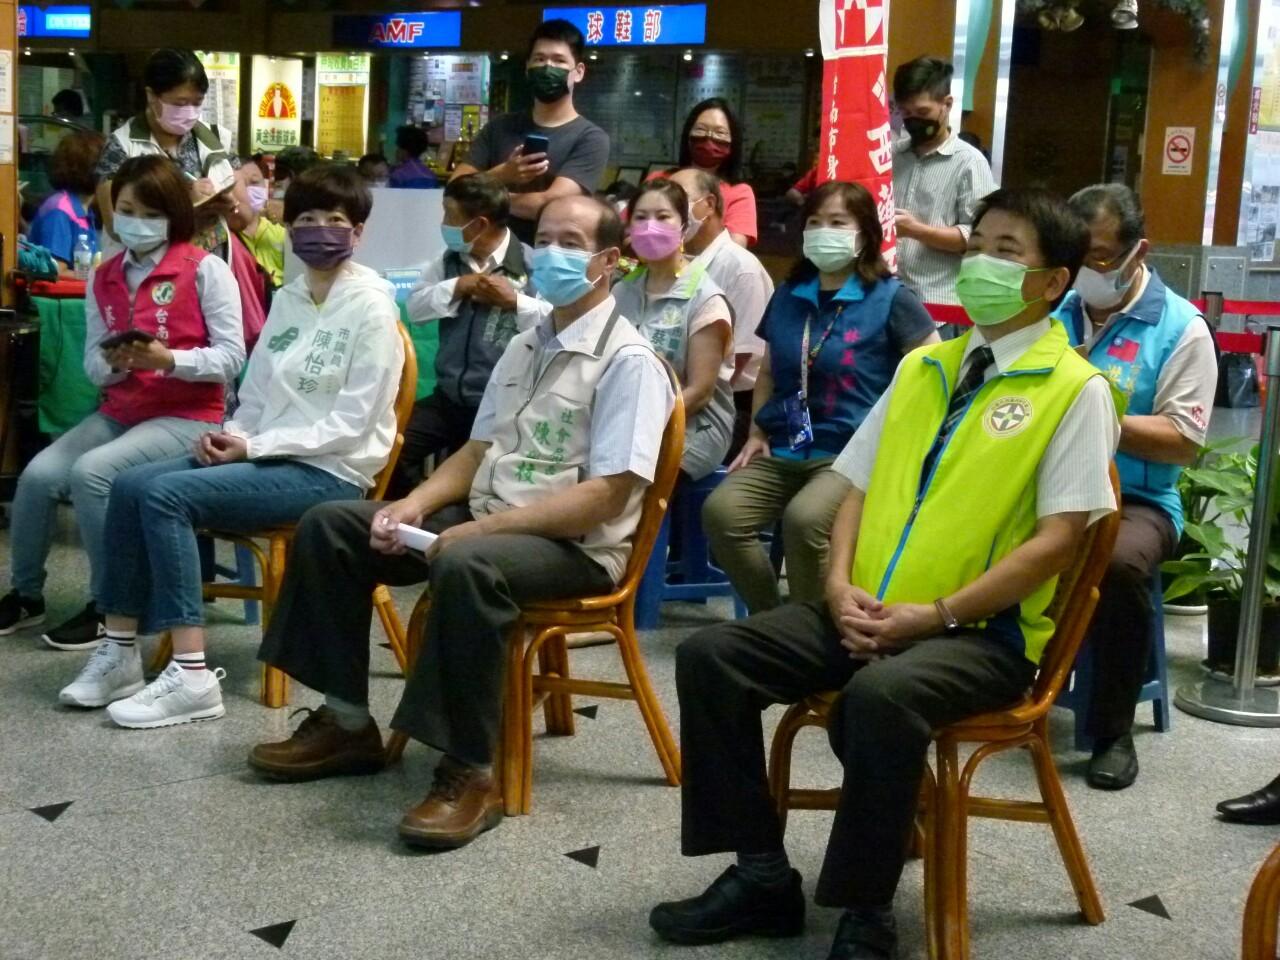 110年度公益活動臺南市西藥盃身心障礙者保齡球賽於黃金保齡球館舉行。_210830_29